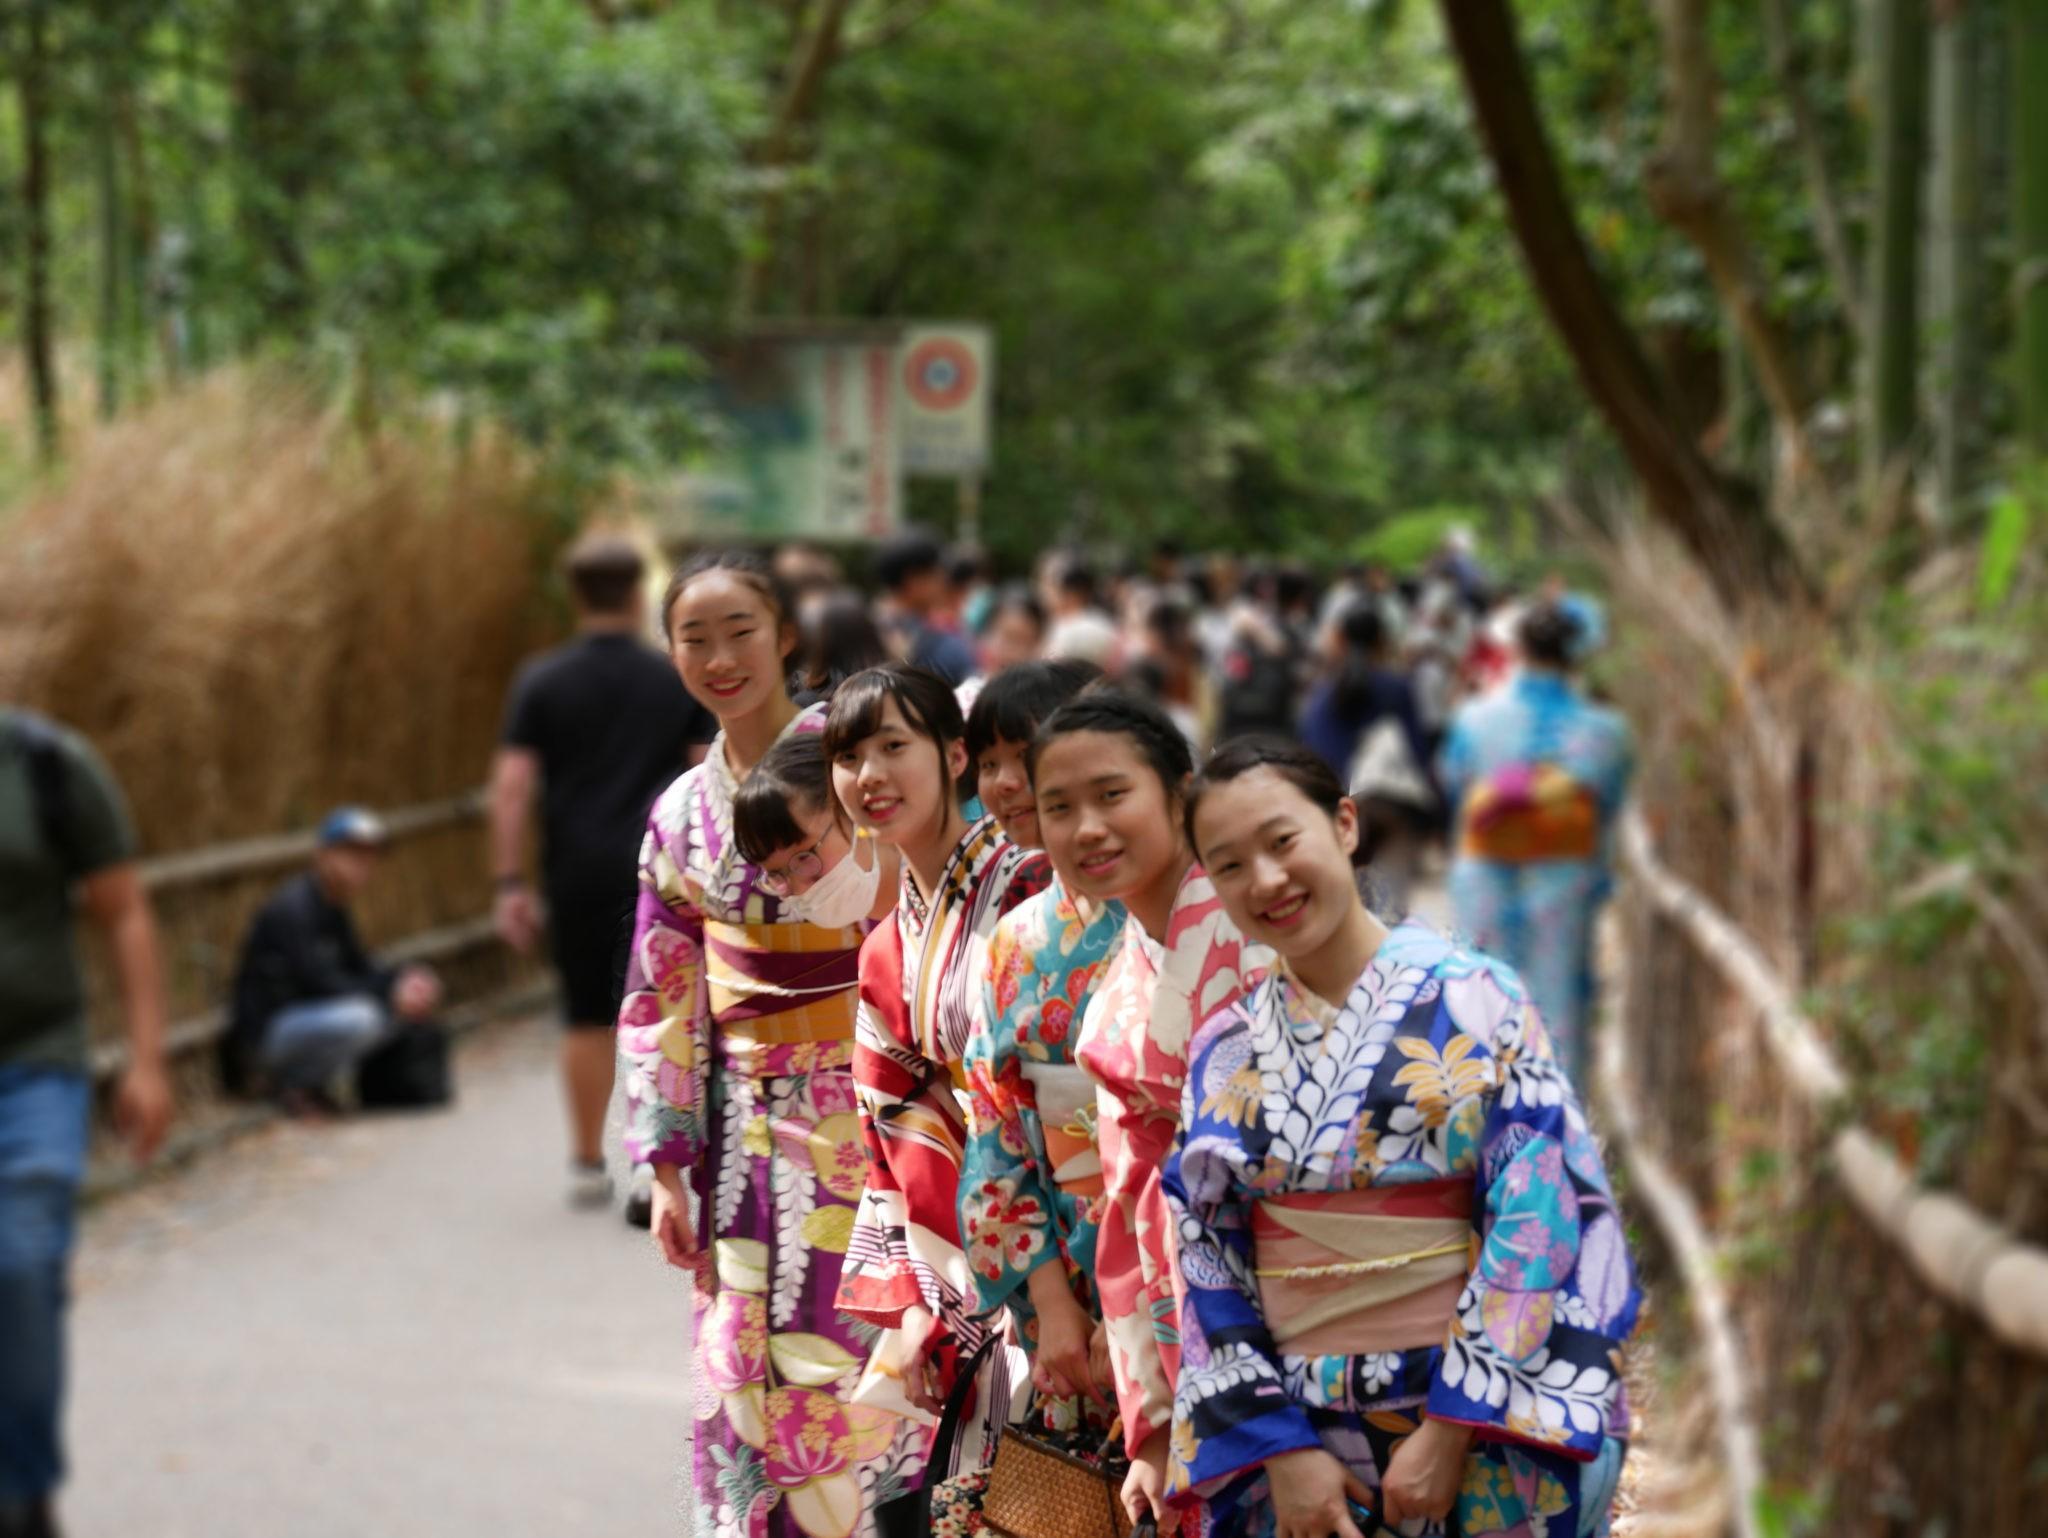 Ženy v japonských kimonech – vždy krásný pohled